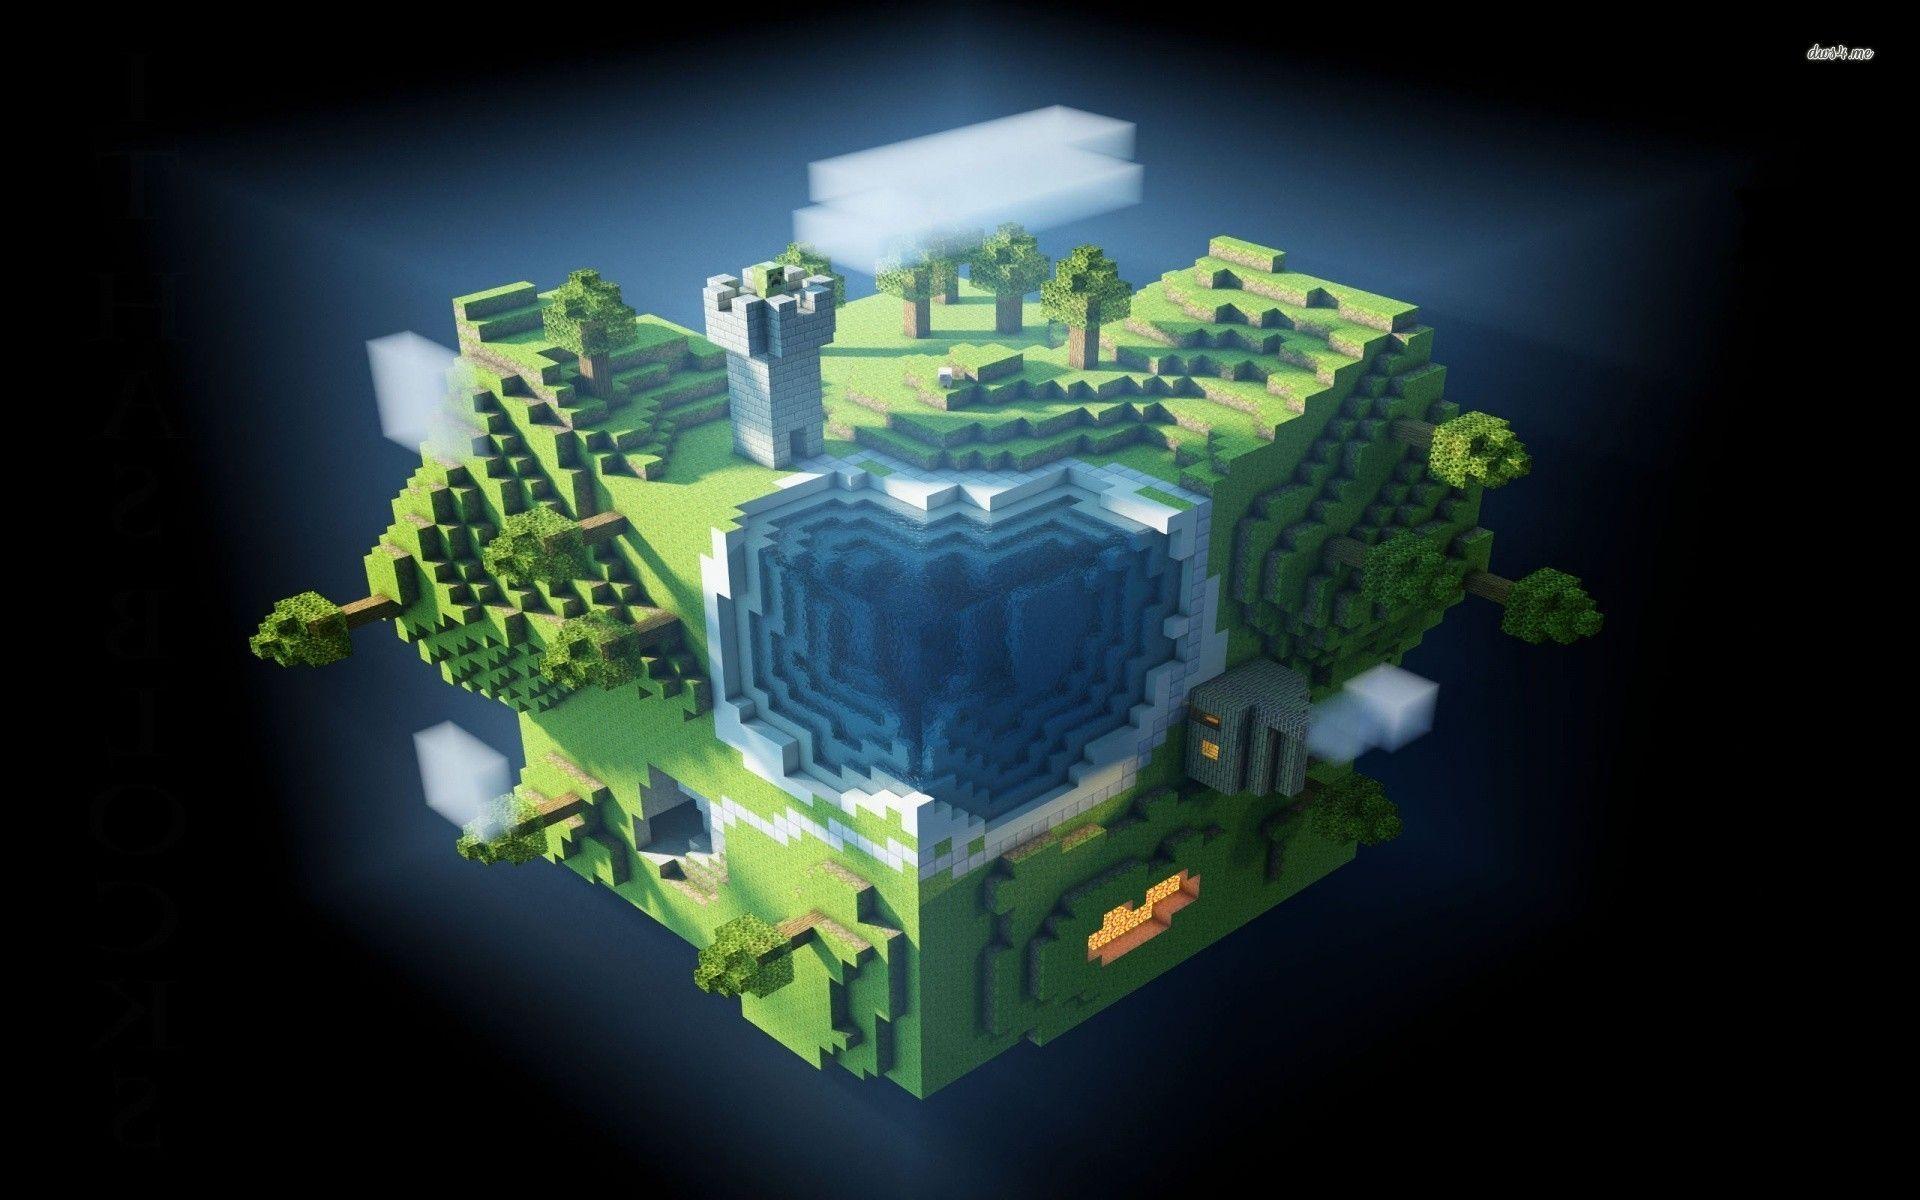 minecraft animation background